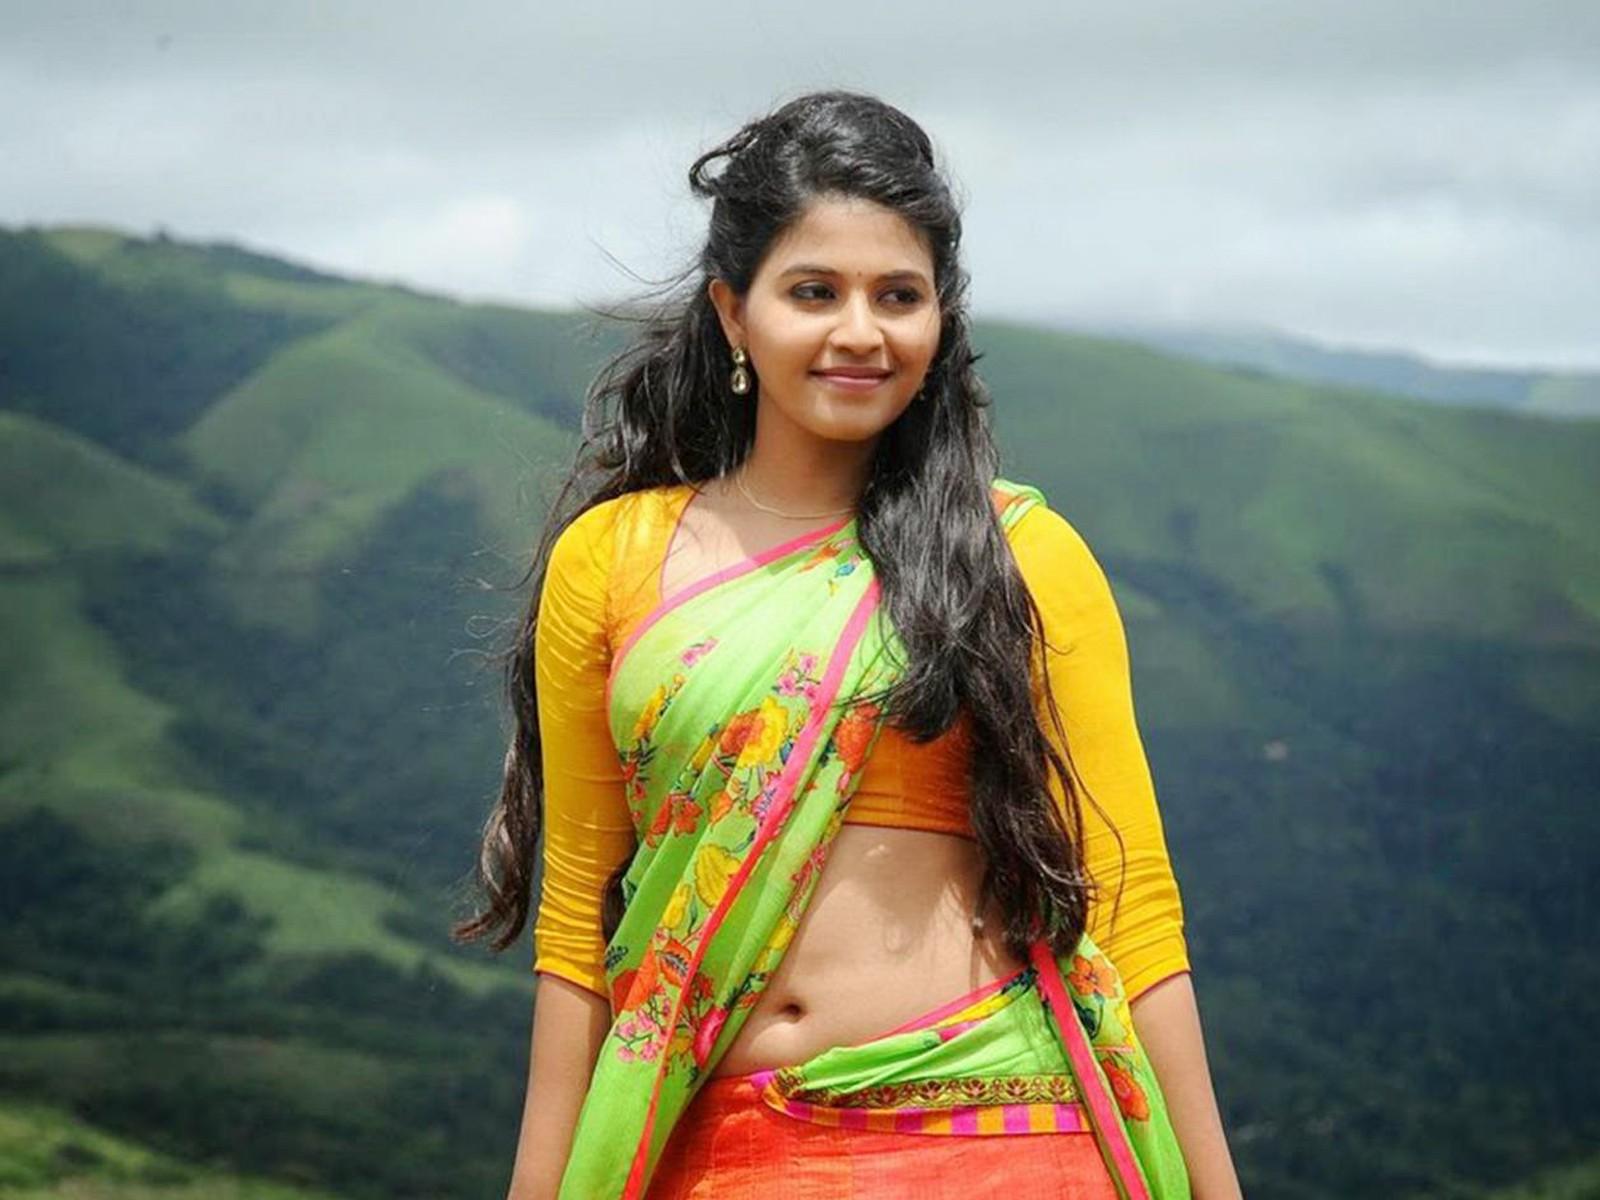 Saree Actress HD Wallpapers 1080p - WallpaperSafari